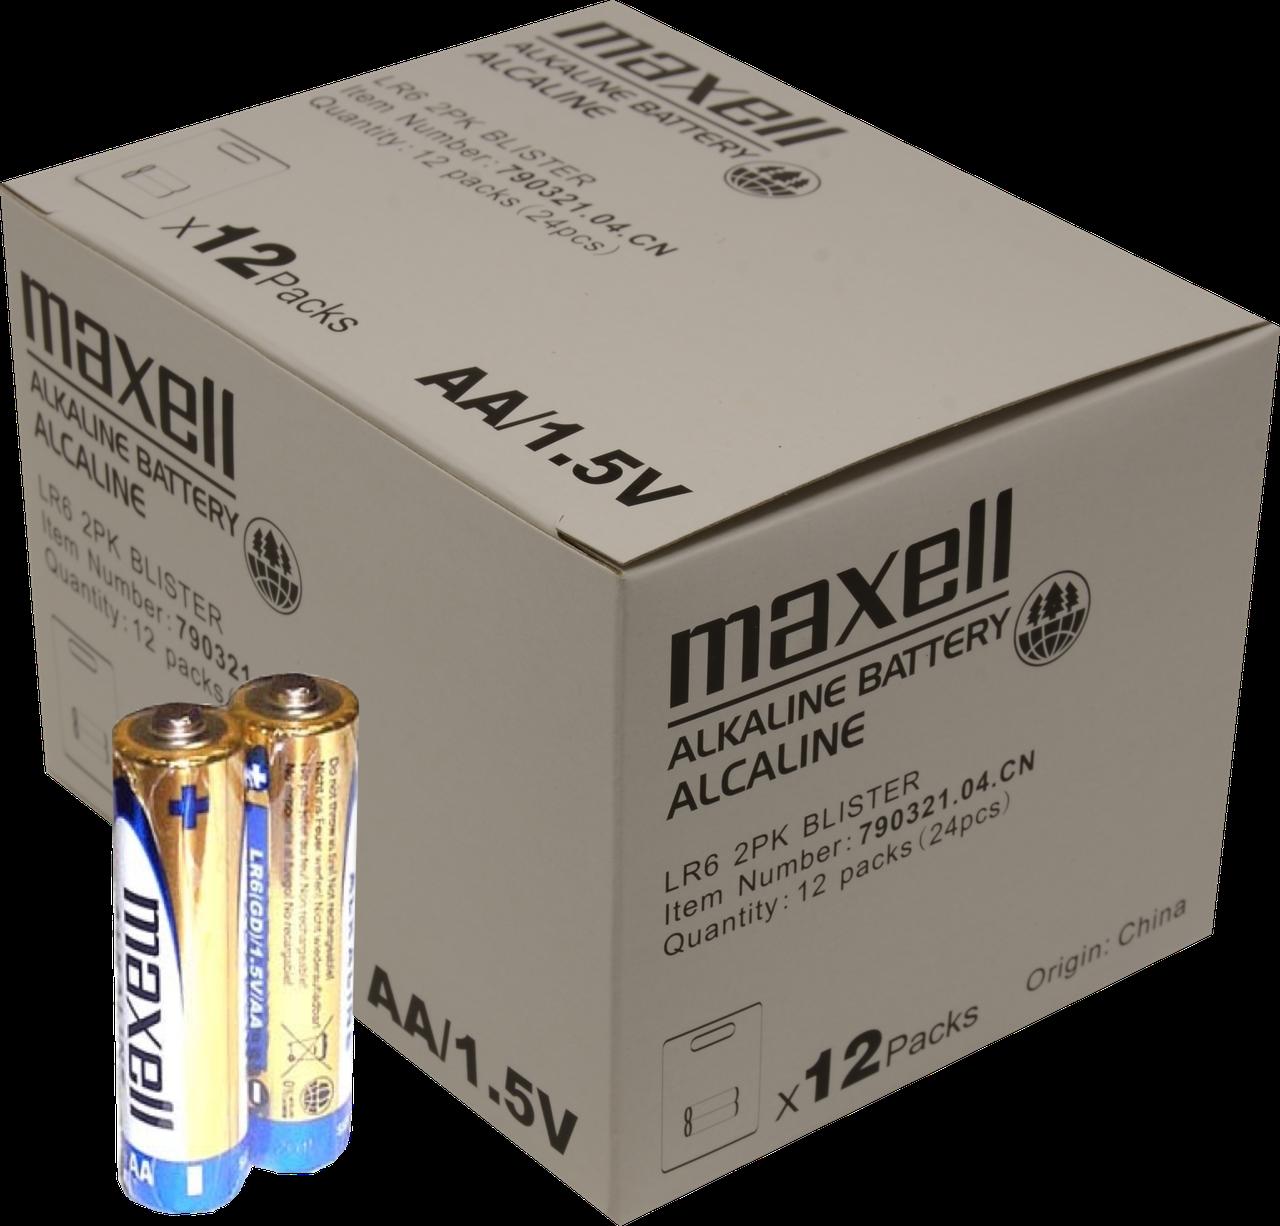 Алкалайнова батарейка АА Maxell LR6 2 шт. BLISTER(8 грн 95 коп за 1 шт./215 грн за 24 шт.)